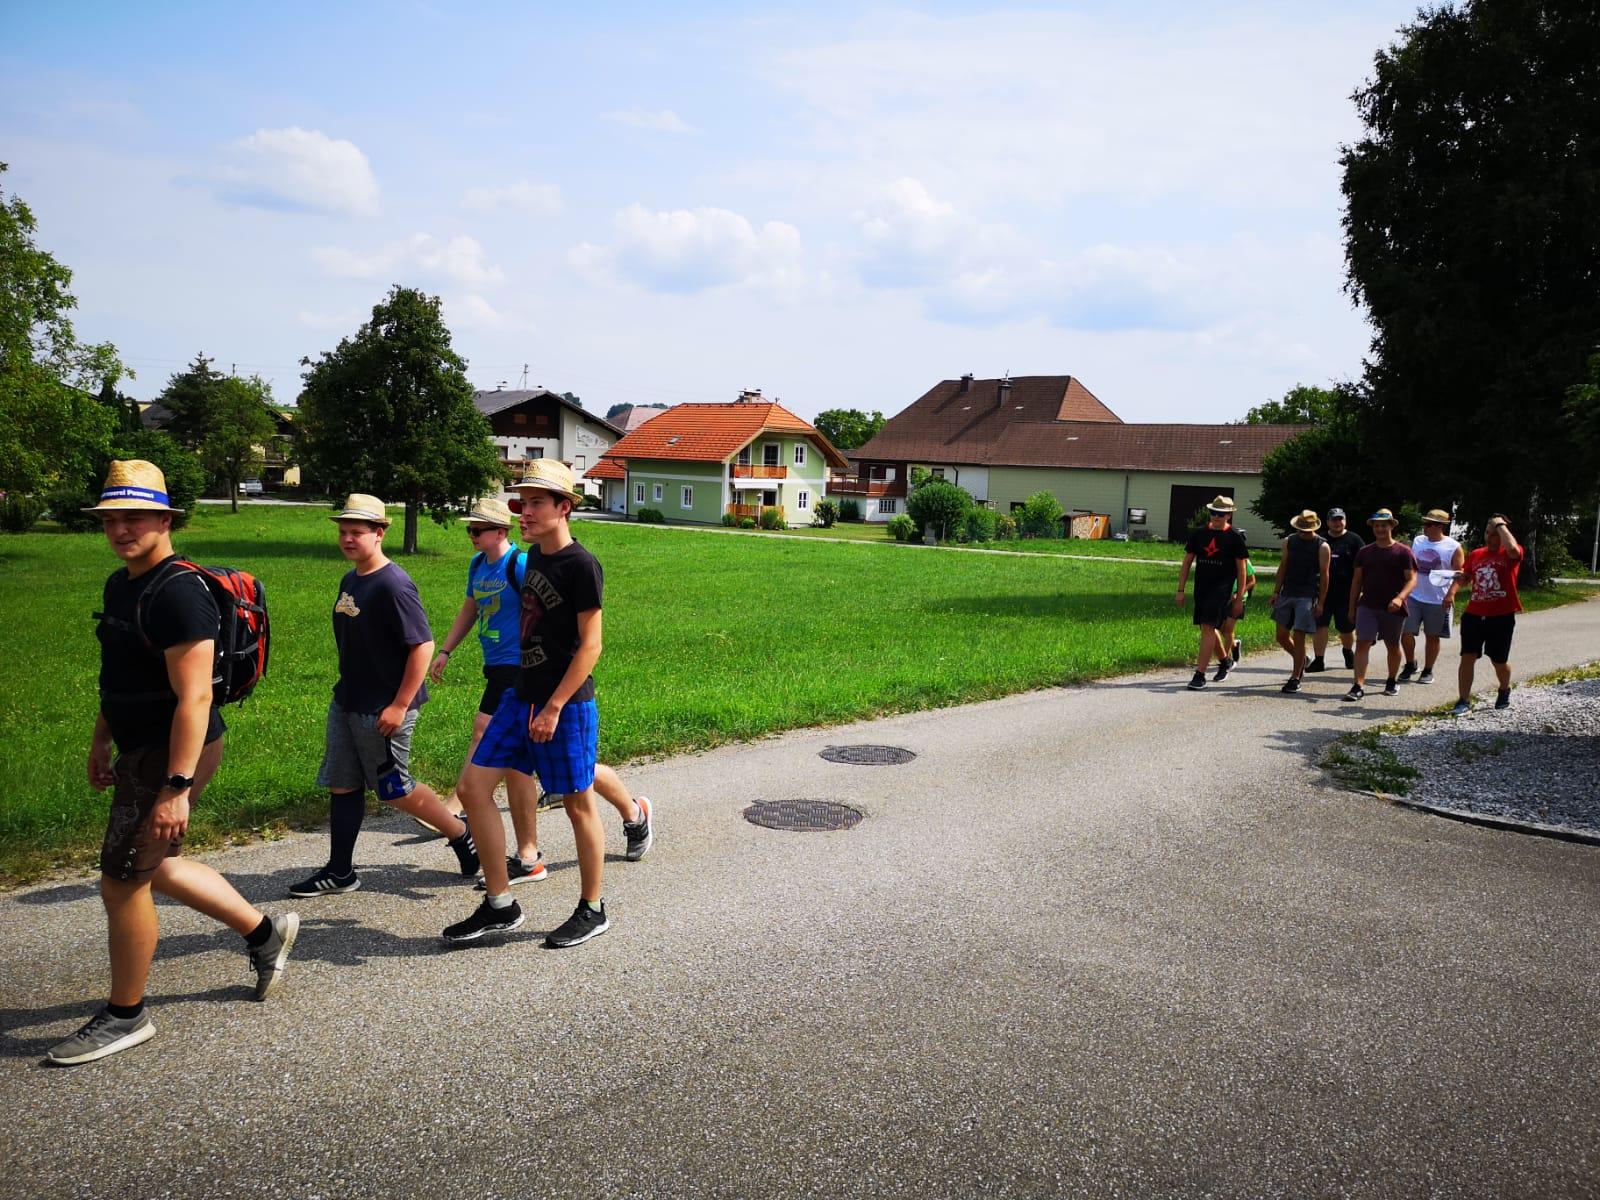 Jugendzeltlager 2019 – Wanderung zum Attersee